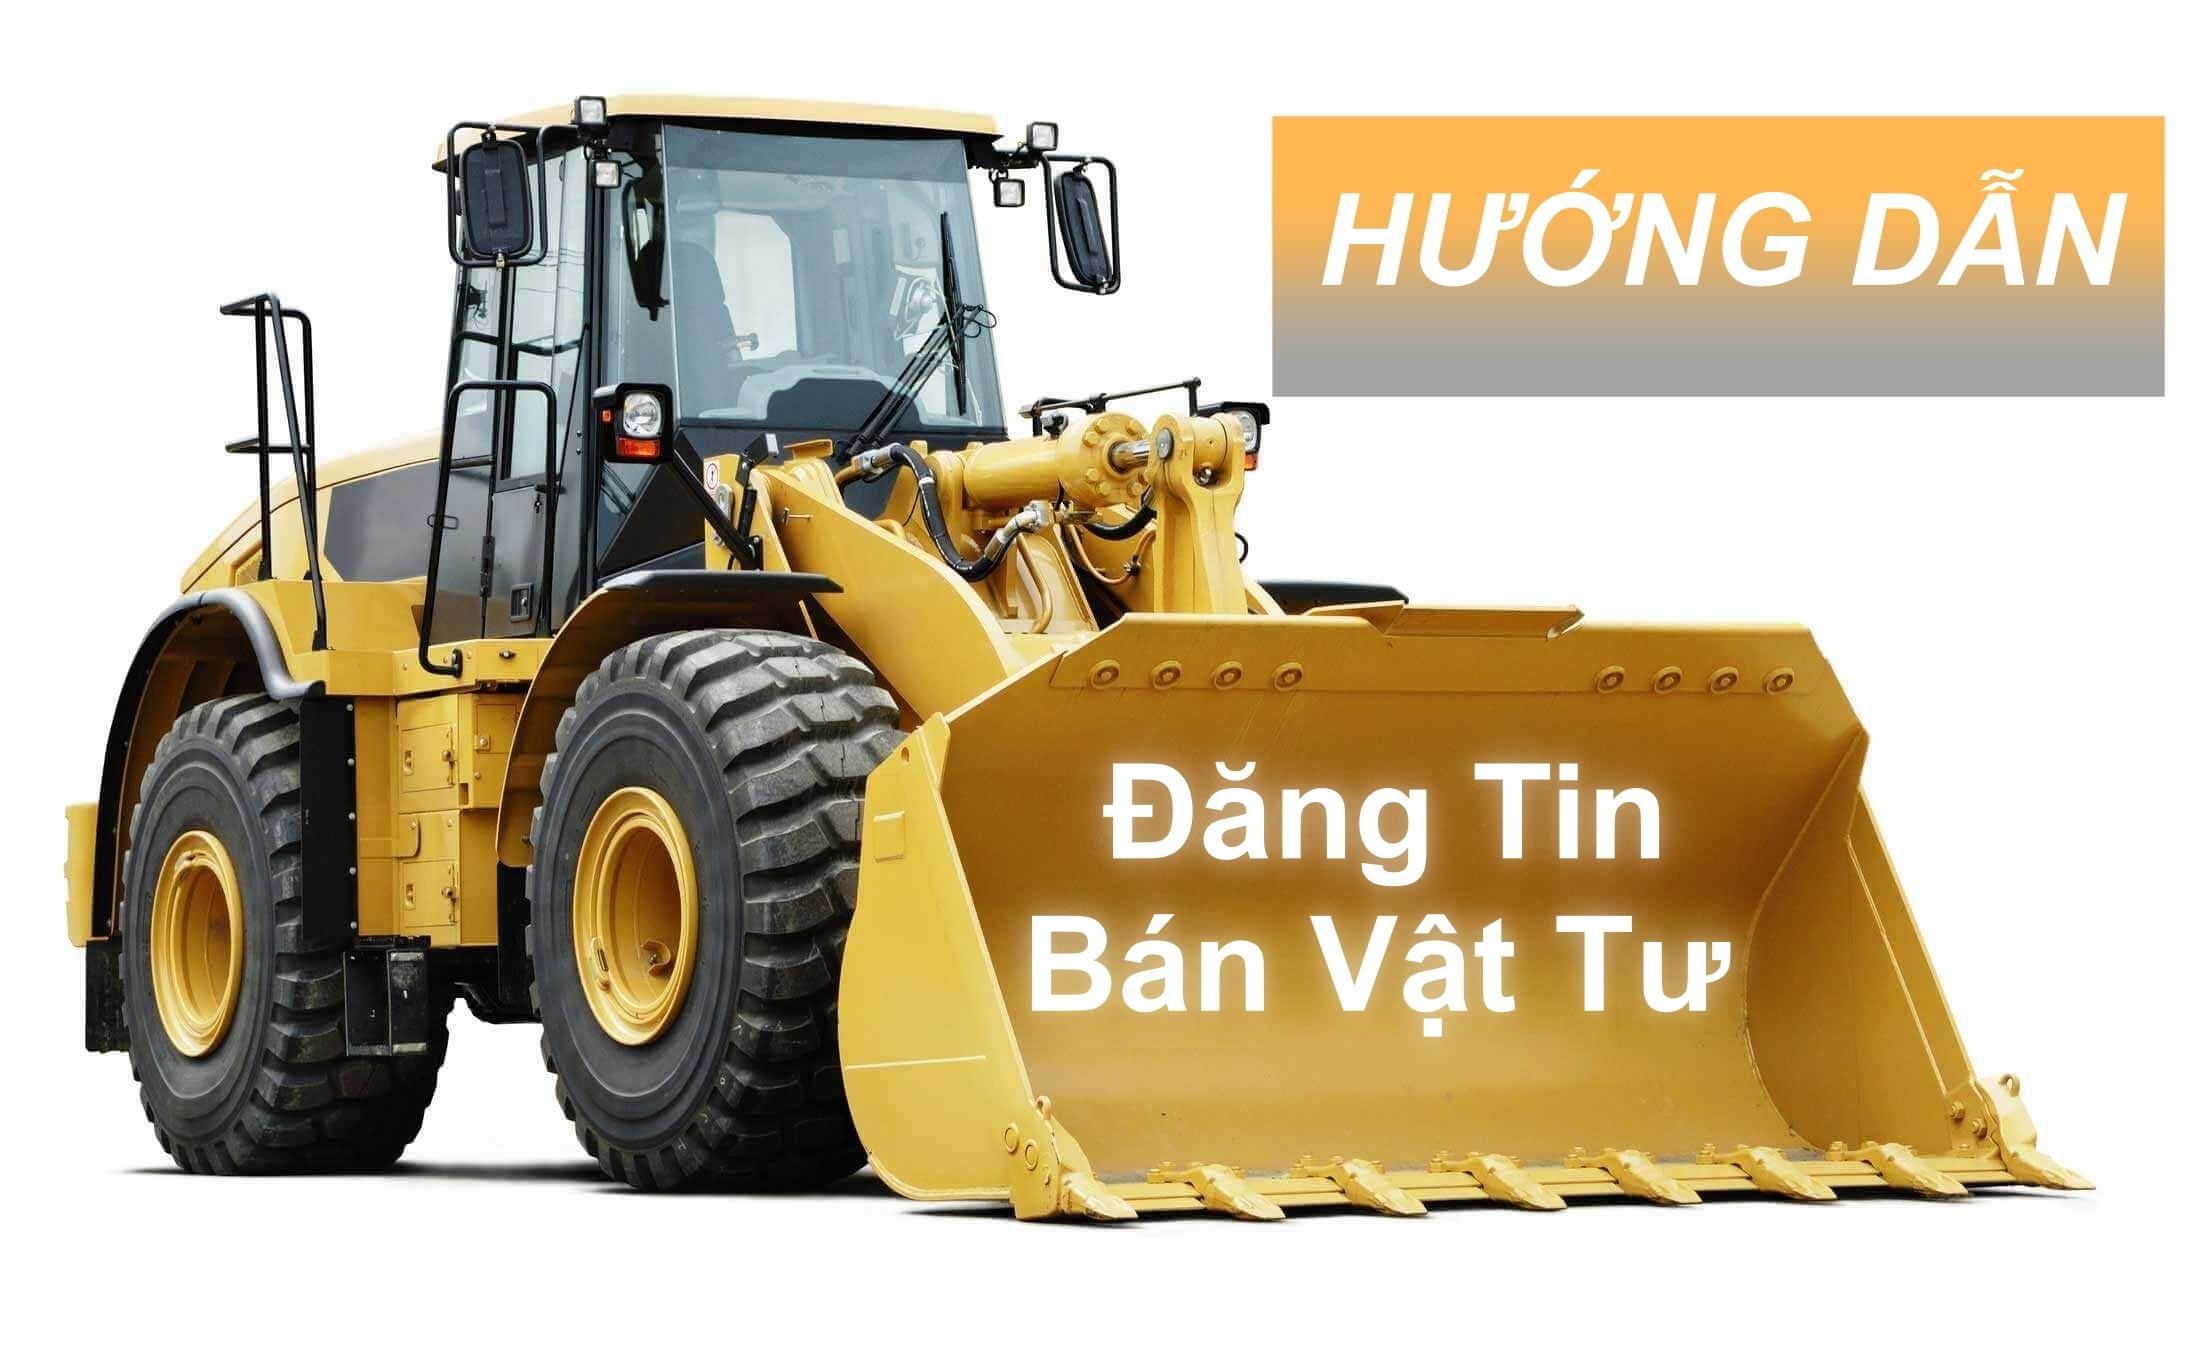 Hướng Dẫn Đăng Tin Bán Vật Tư Trên Website Hanoma.vn